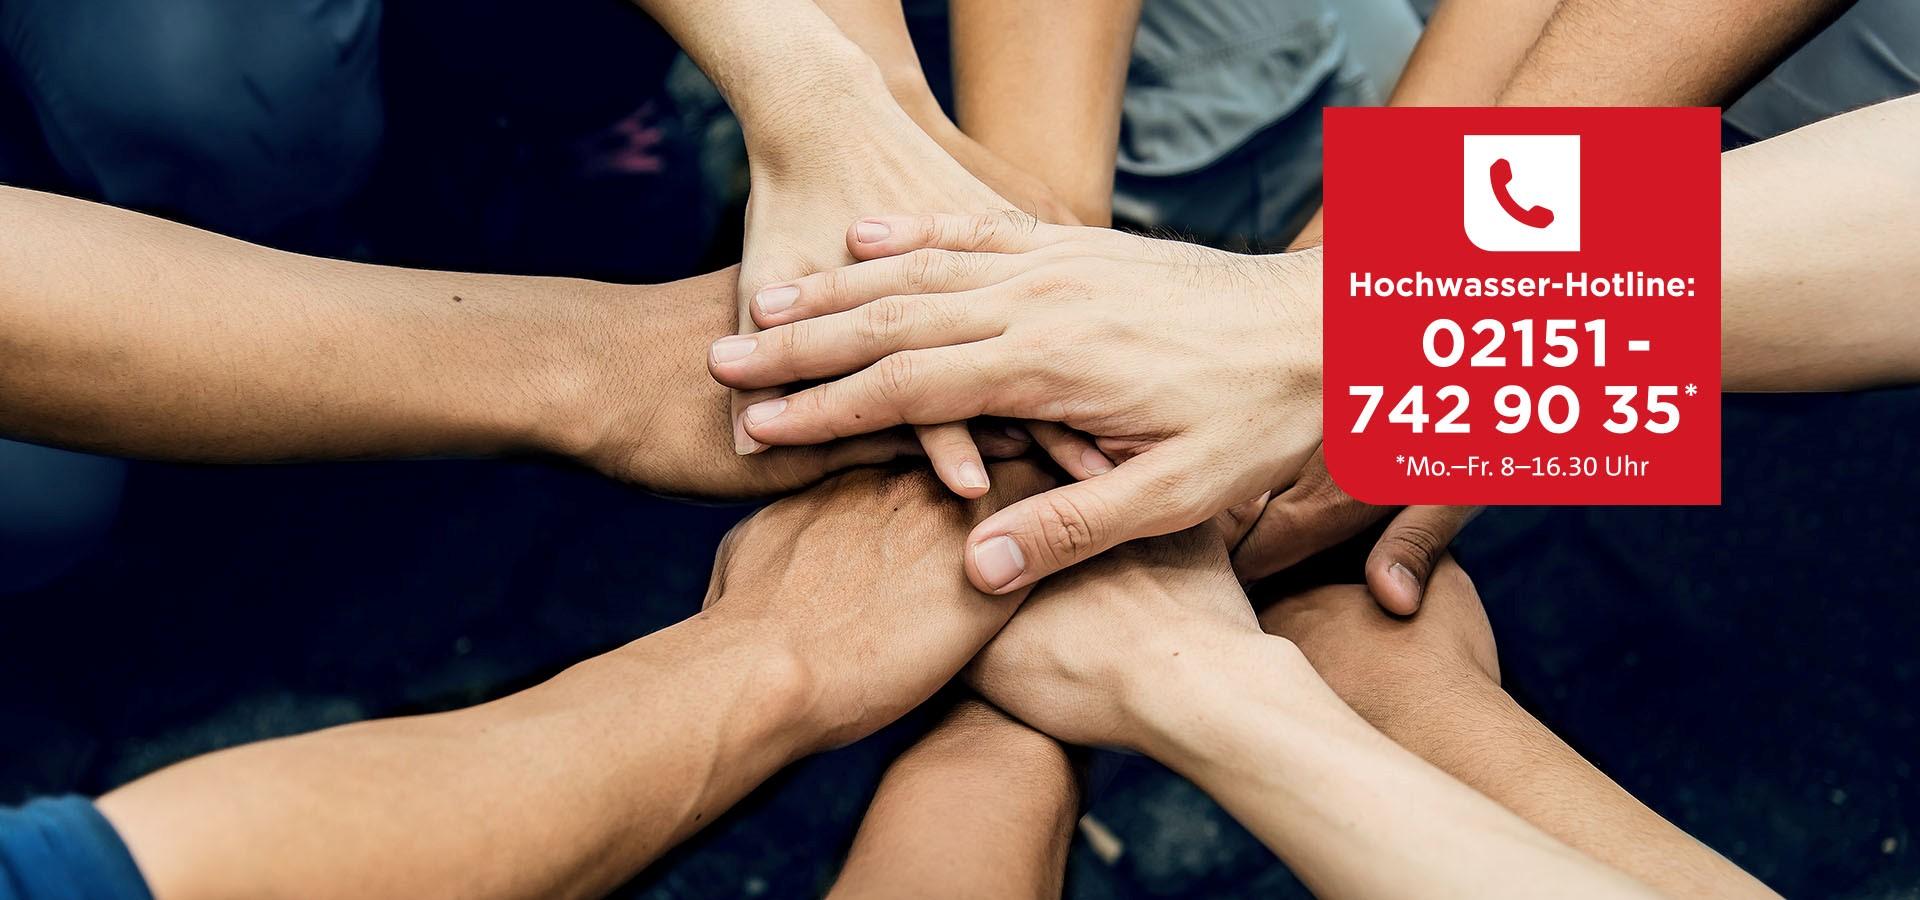 PRIMAGAS - Hochwasserhilfe - Hochwasser-Hotline